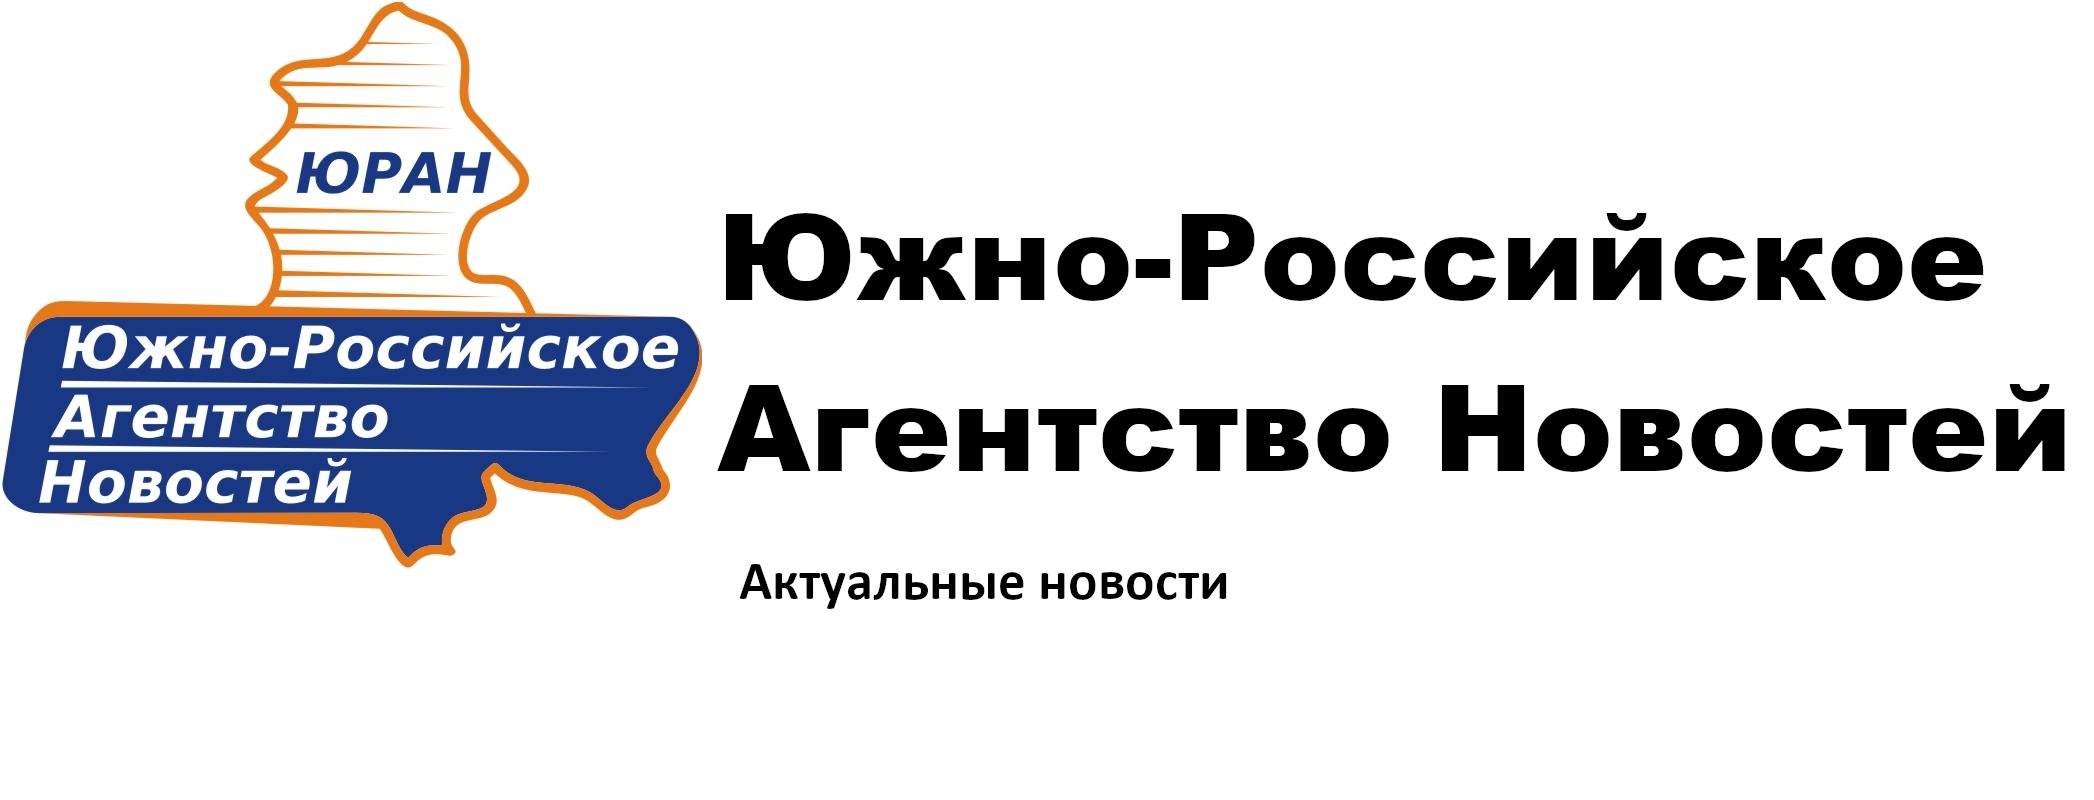 Южно-Российское Агентство Новостей